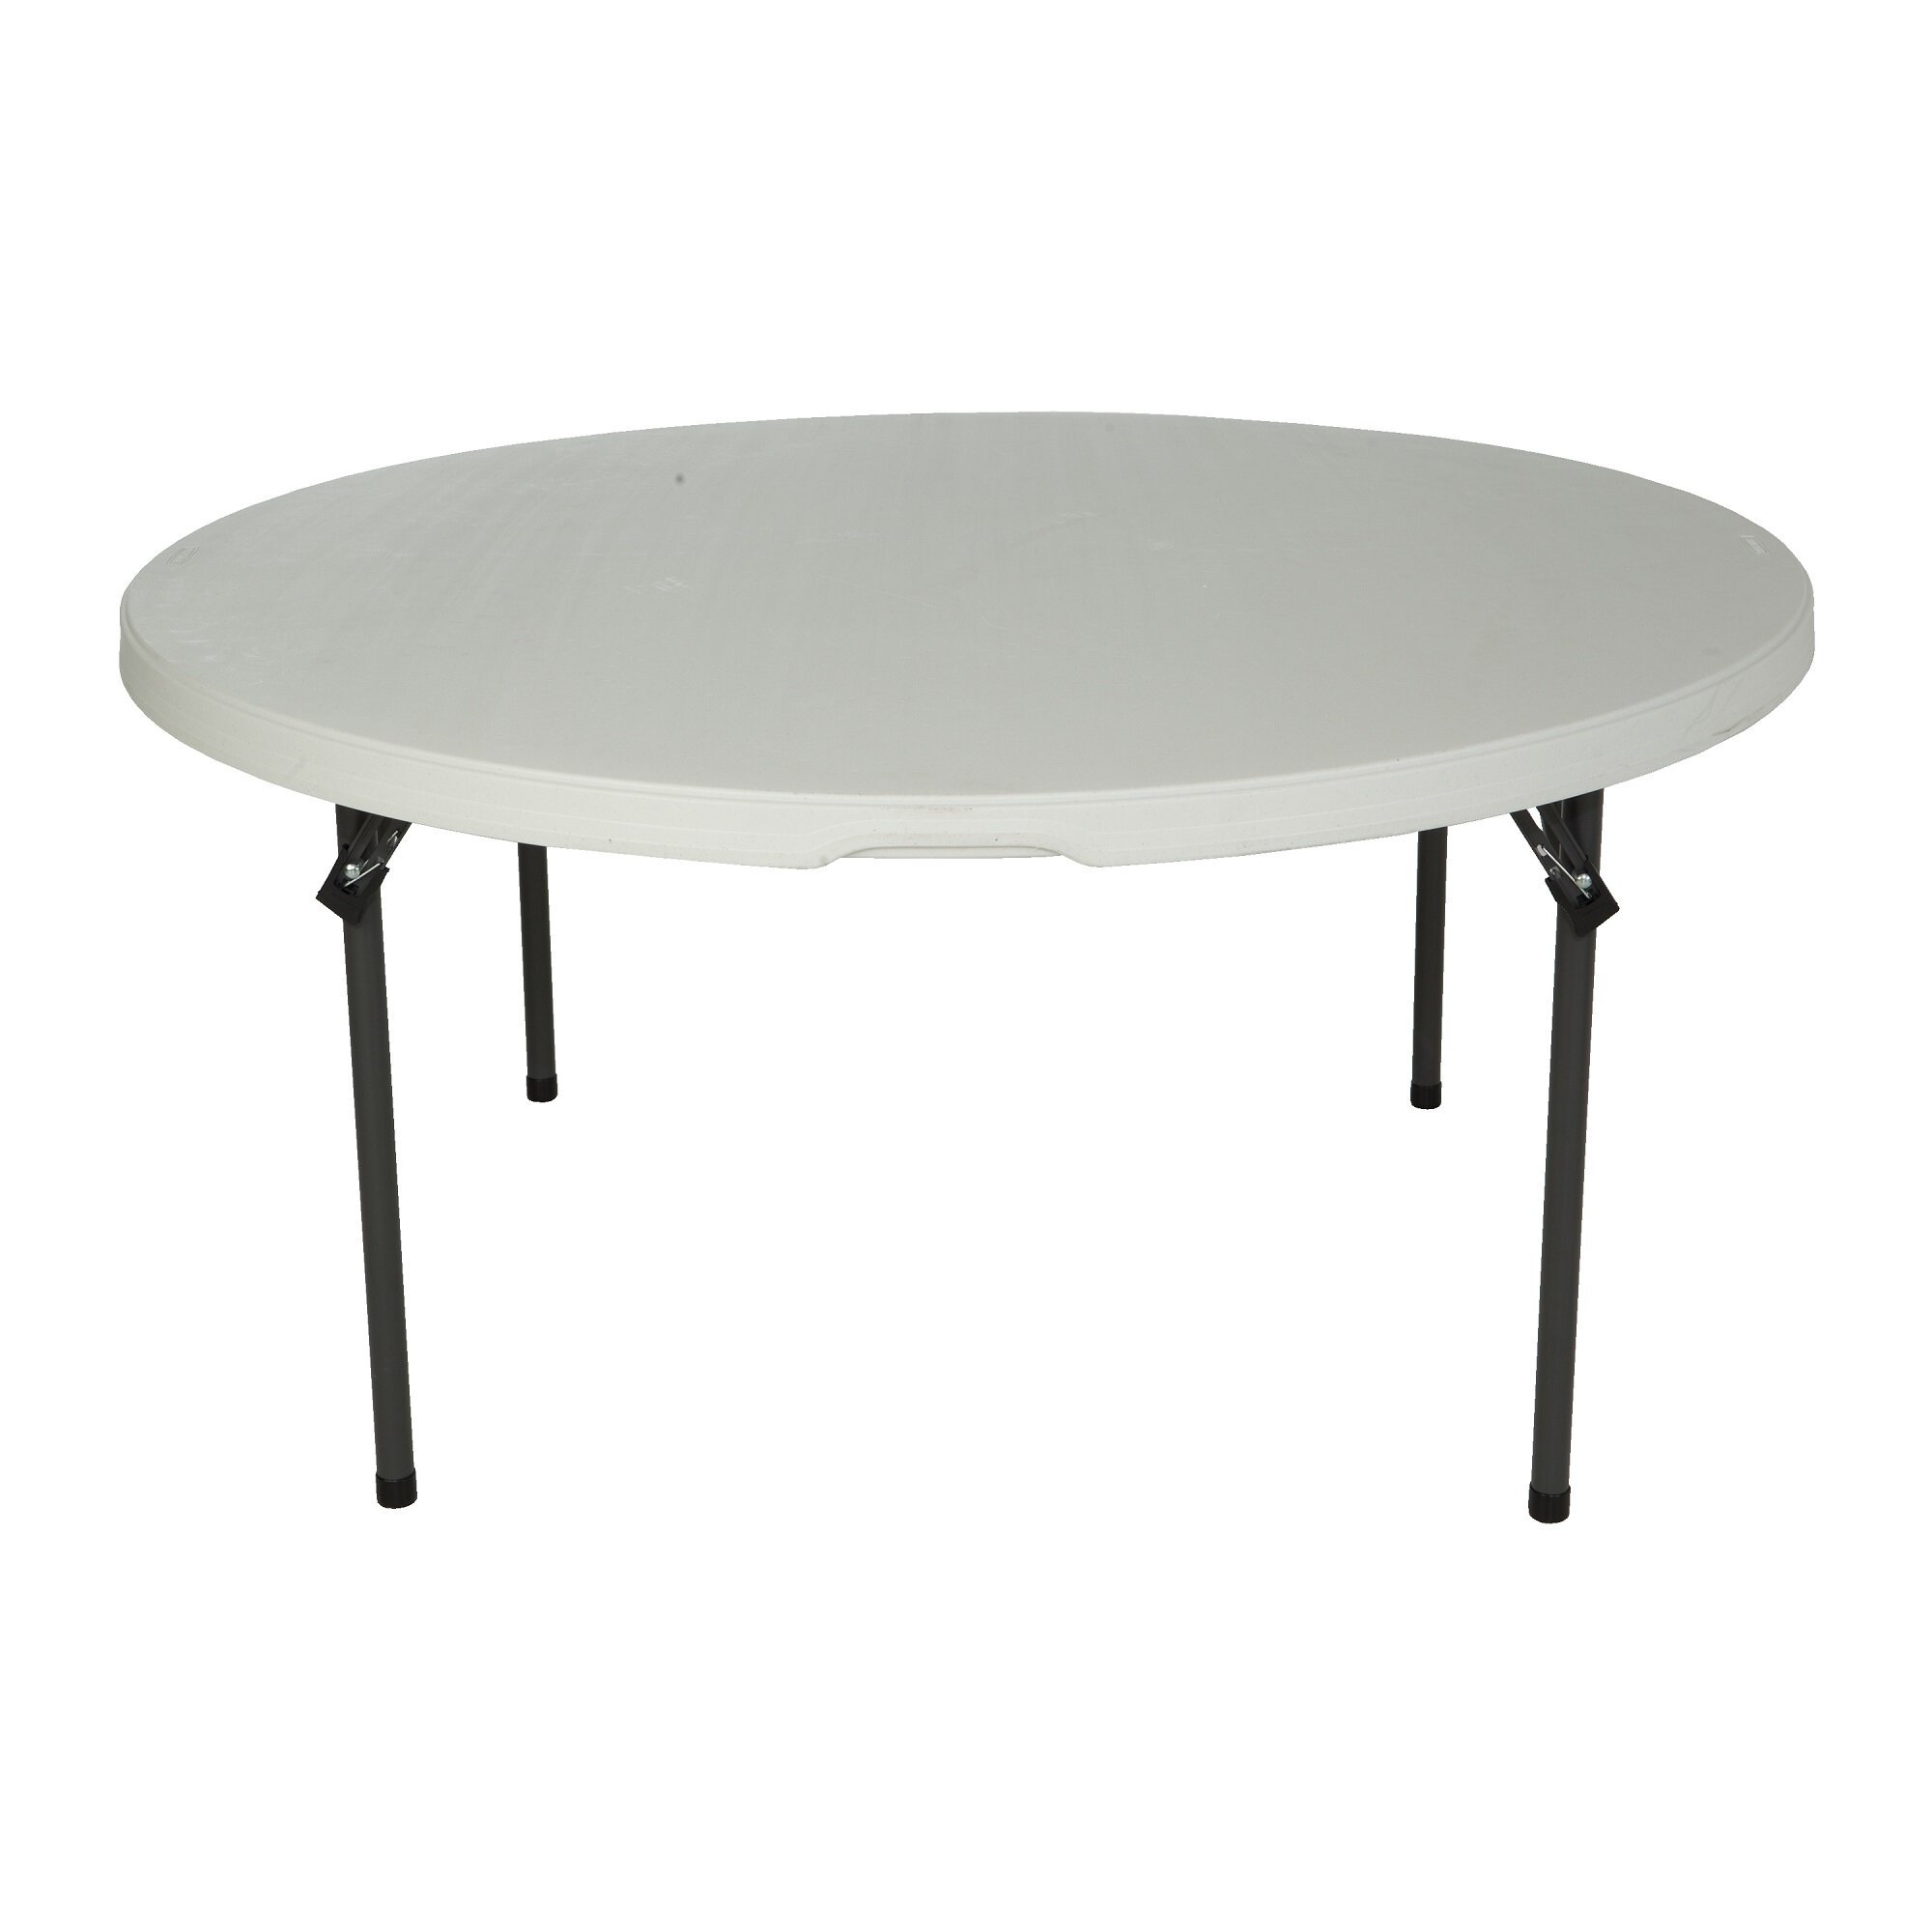 Lifetime 60 round folding table wayfair for Table cuisine 60 x 60